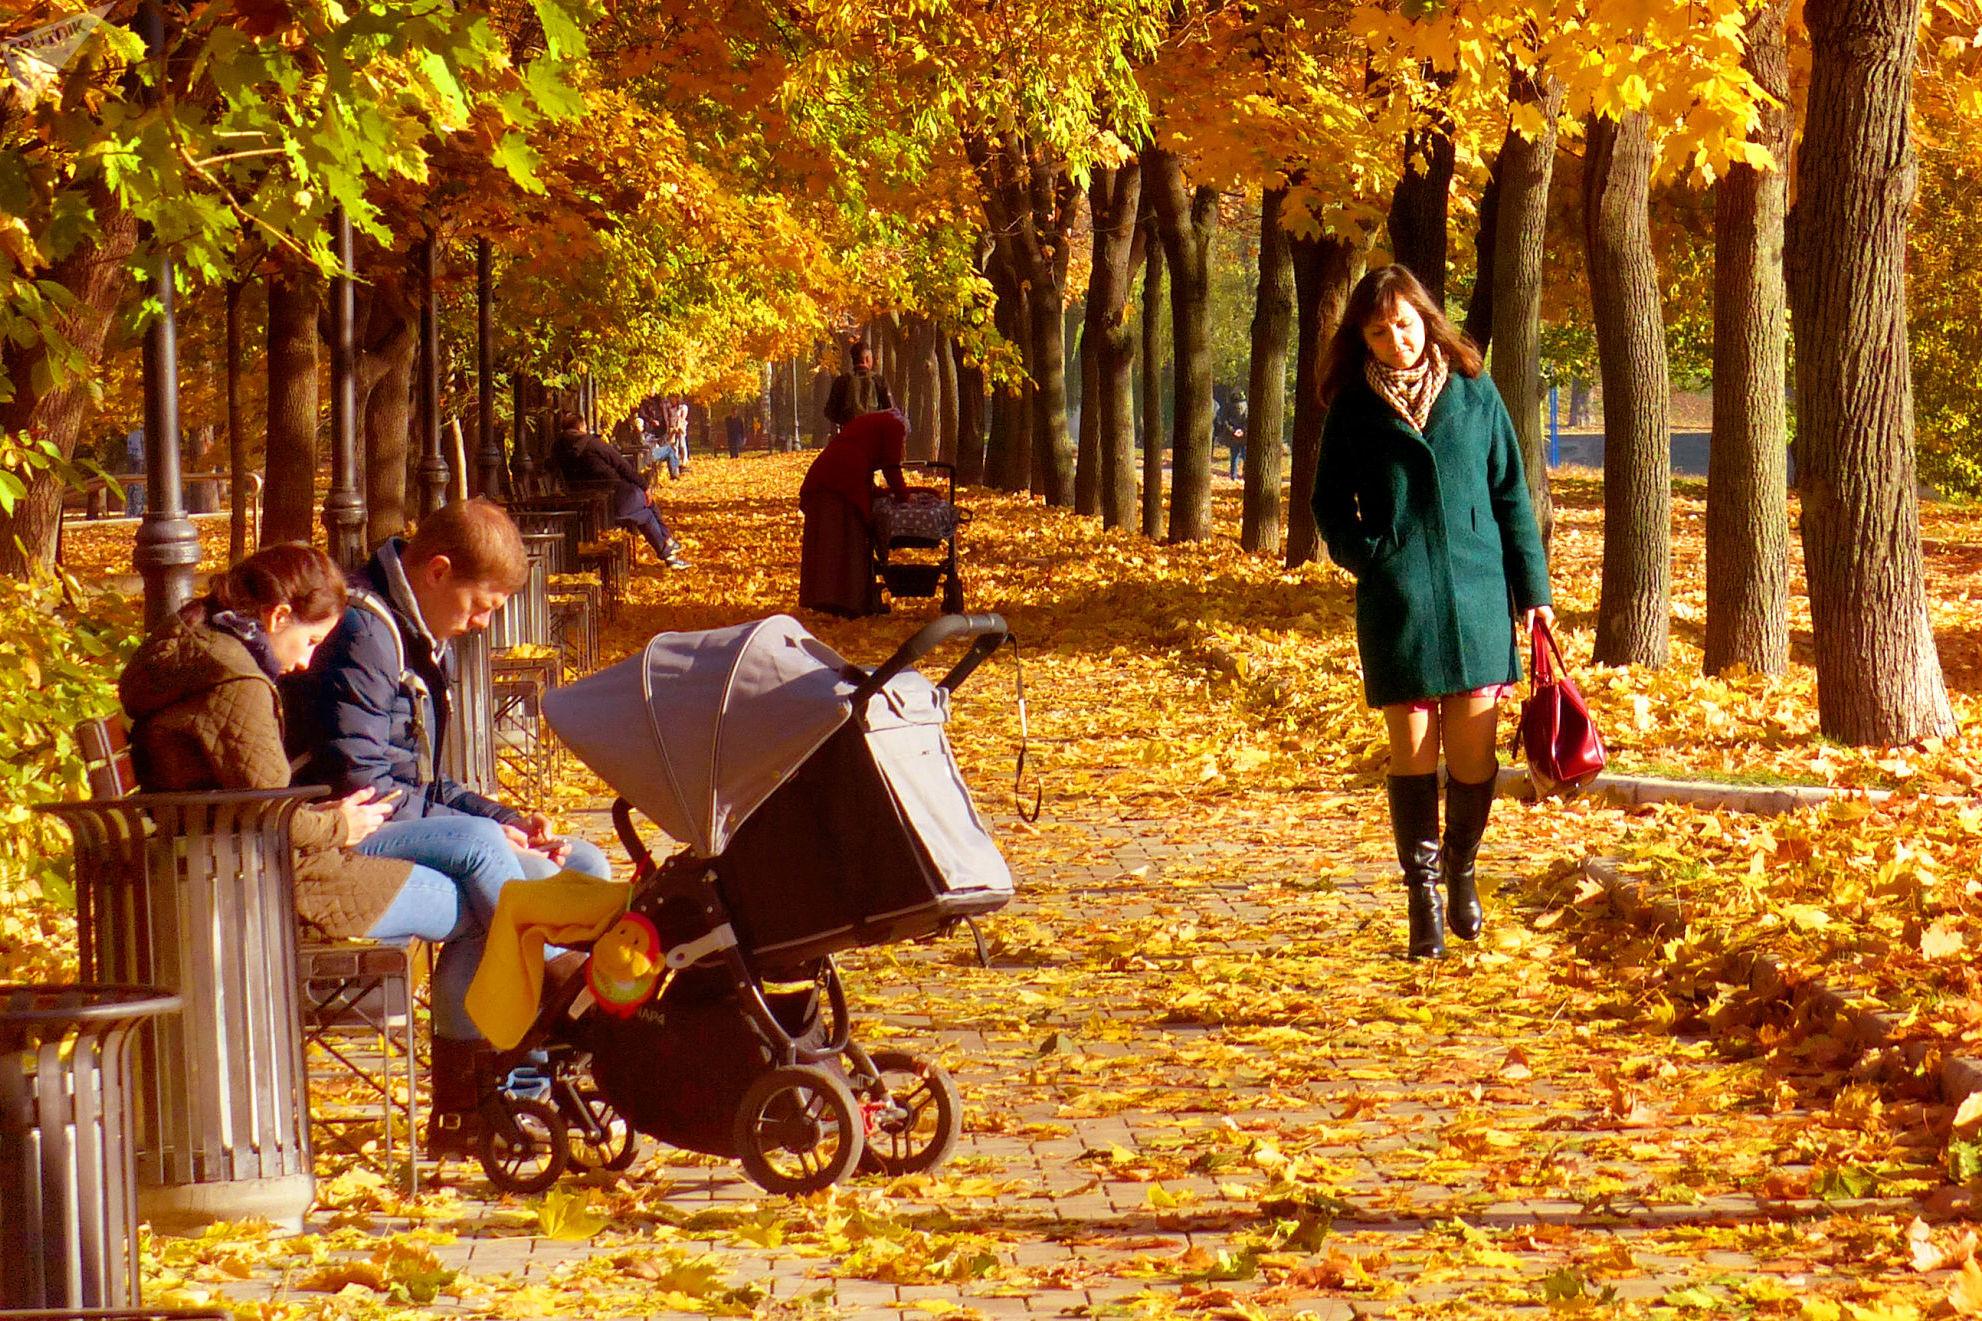 Otoño en Moscú, el parque Gorki